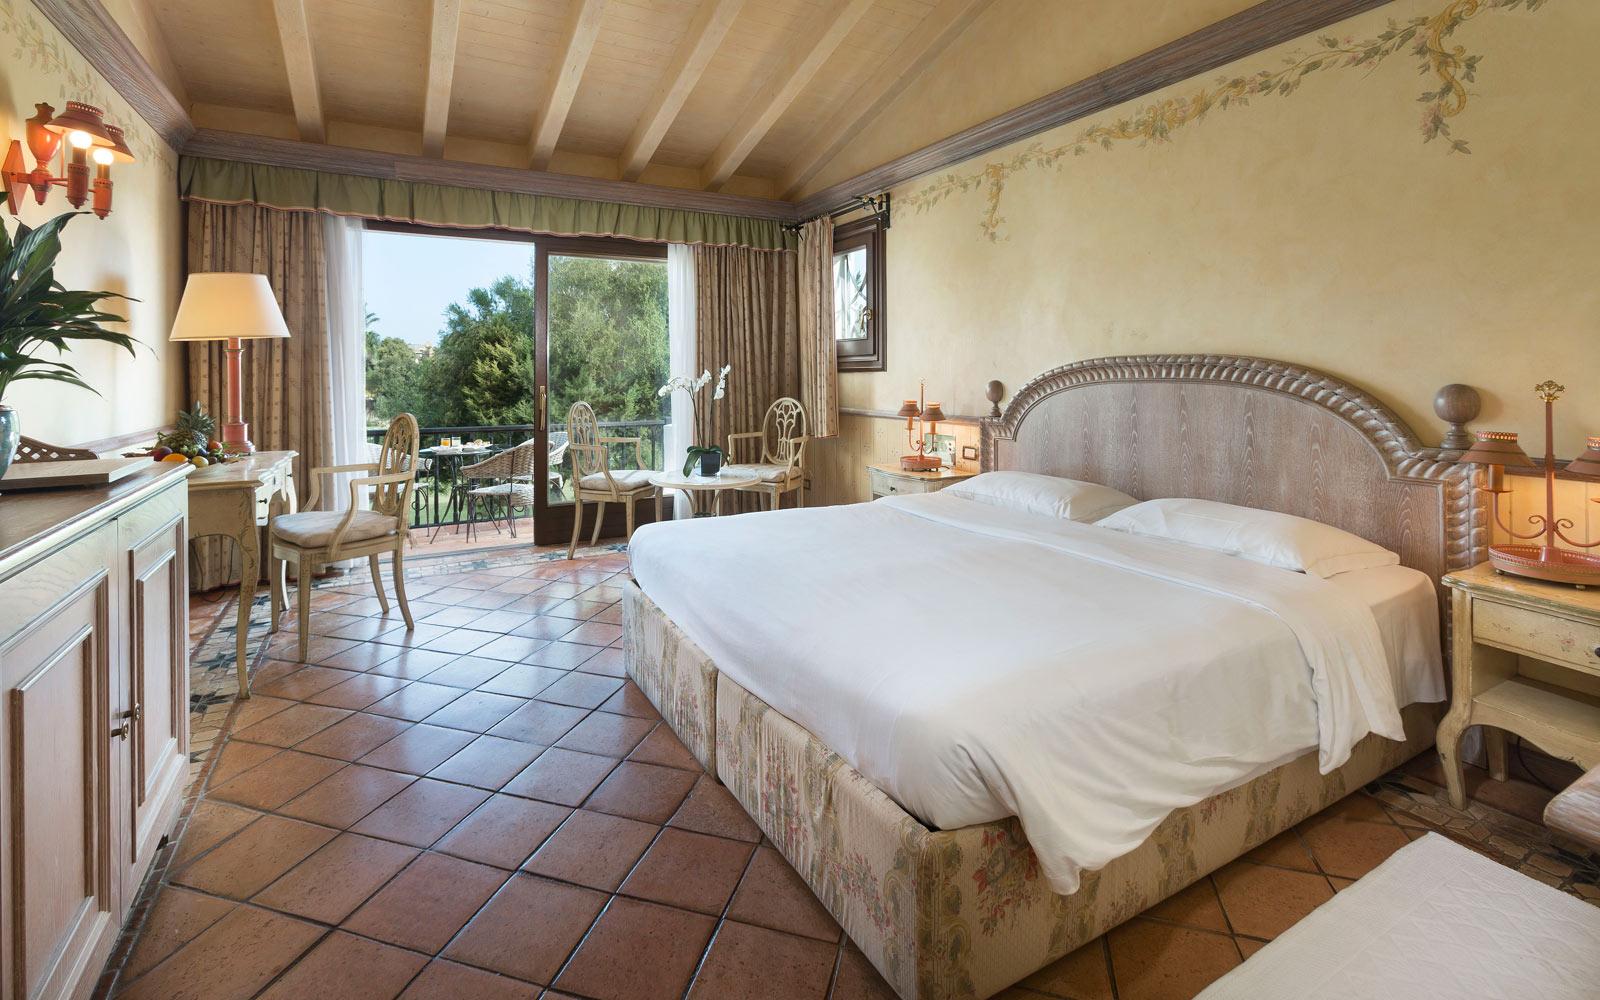 Classic Room at Le Palme